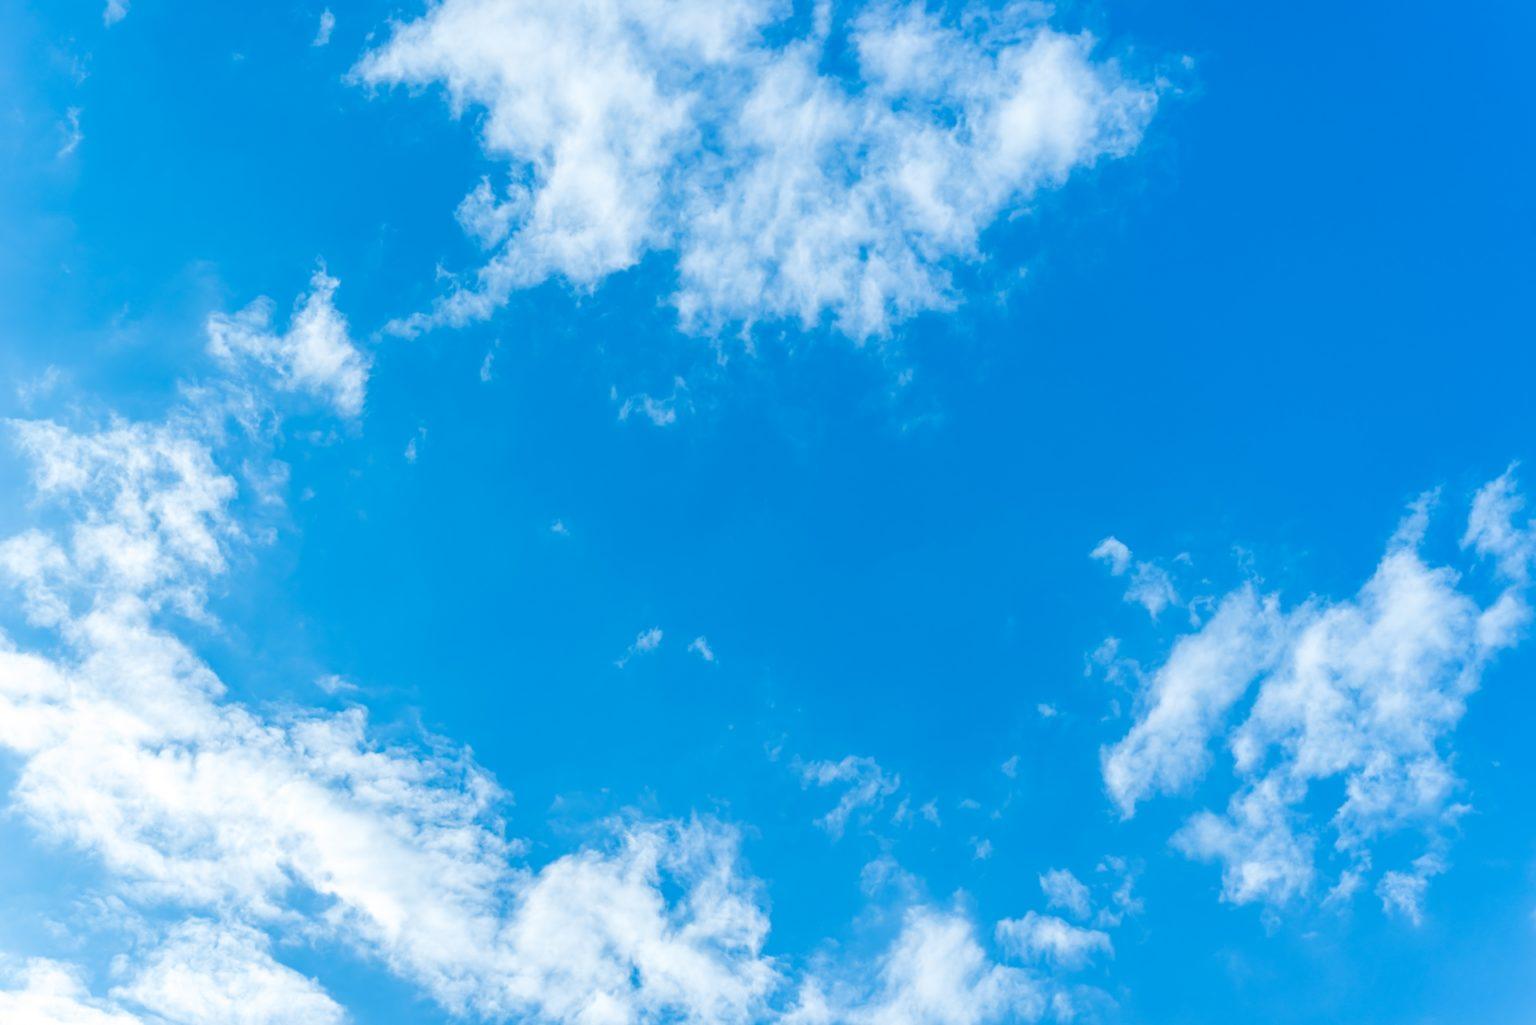 空 青空 空背景